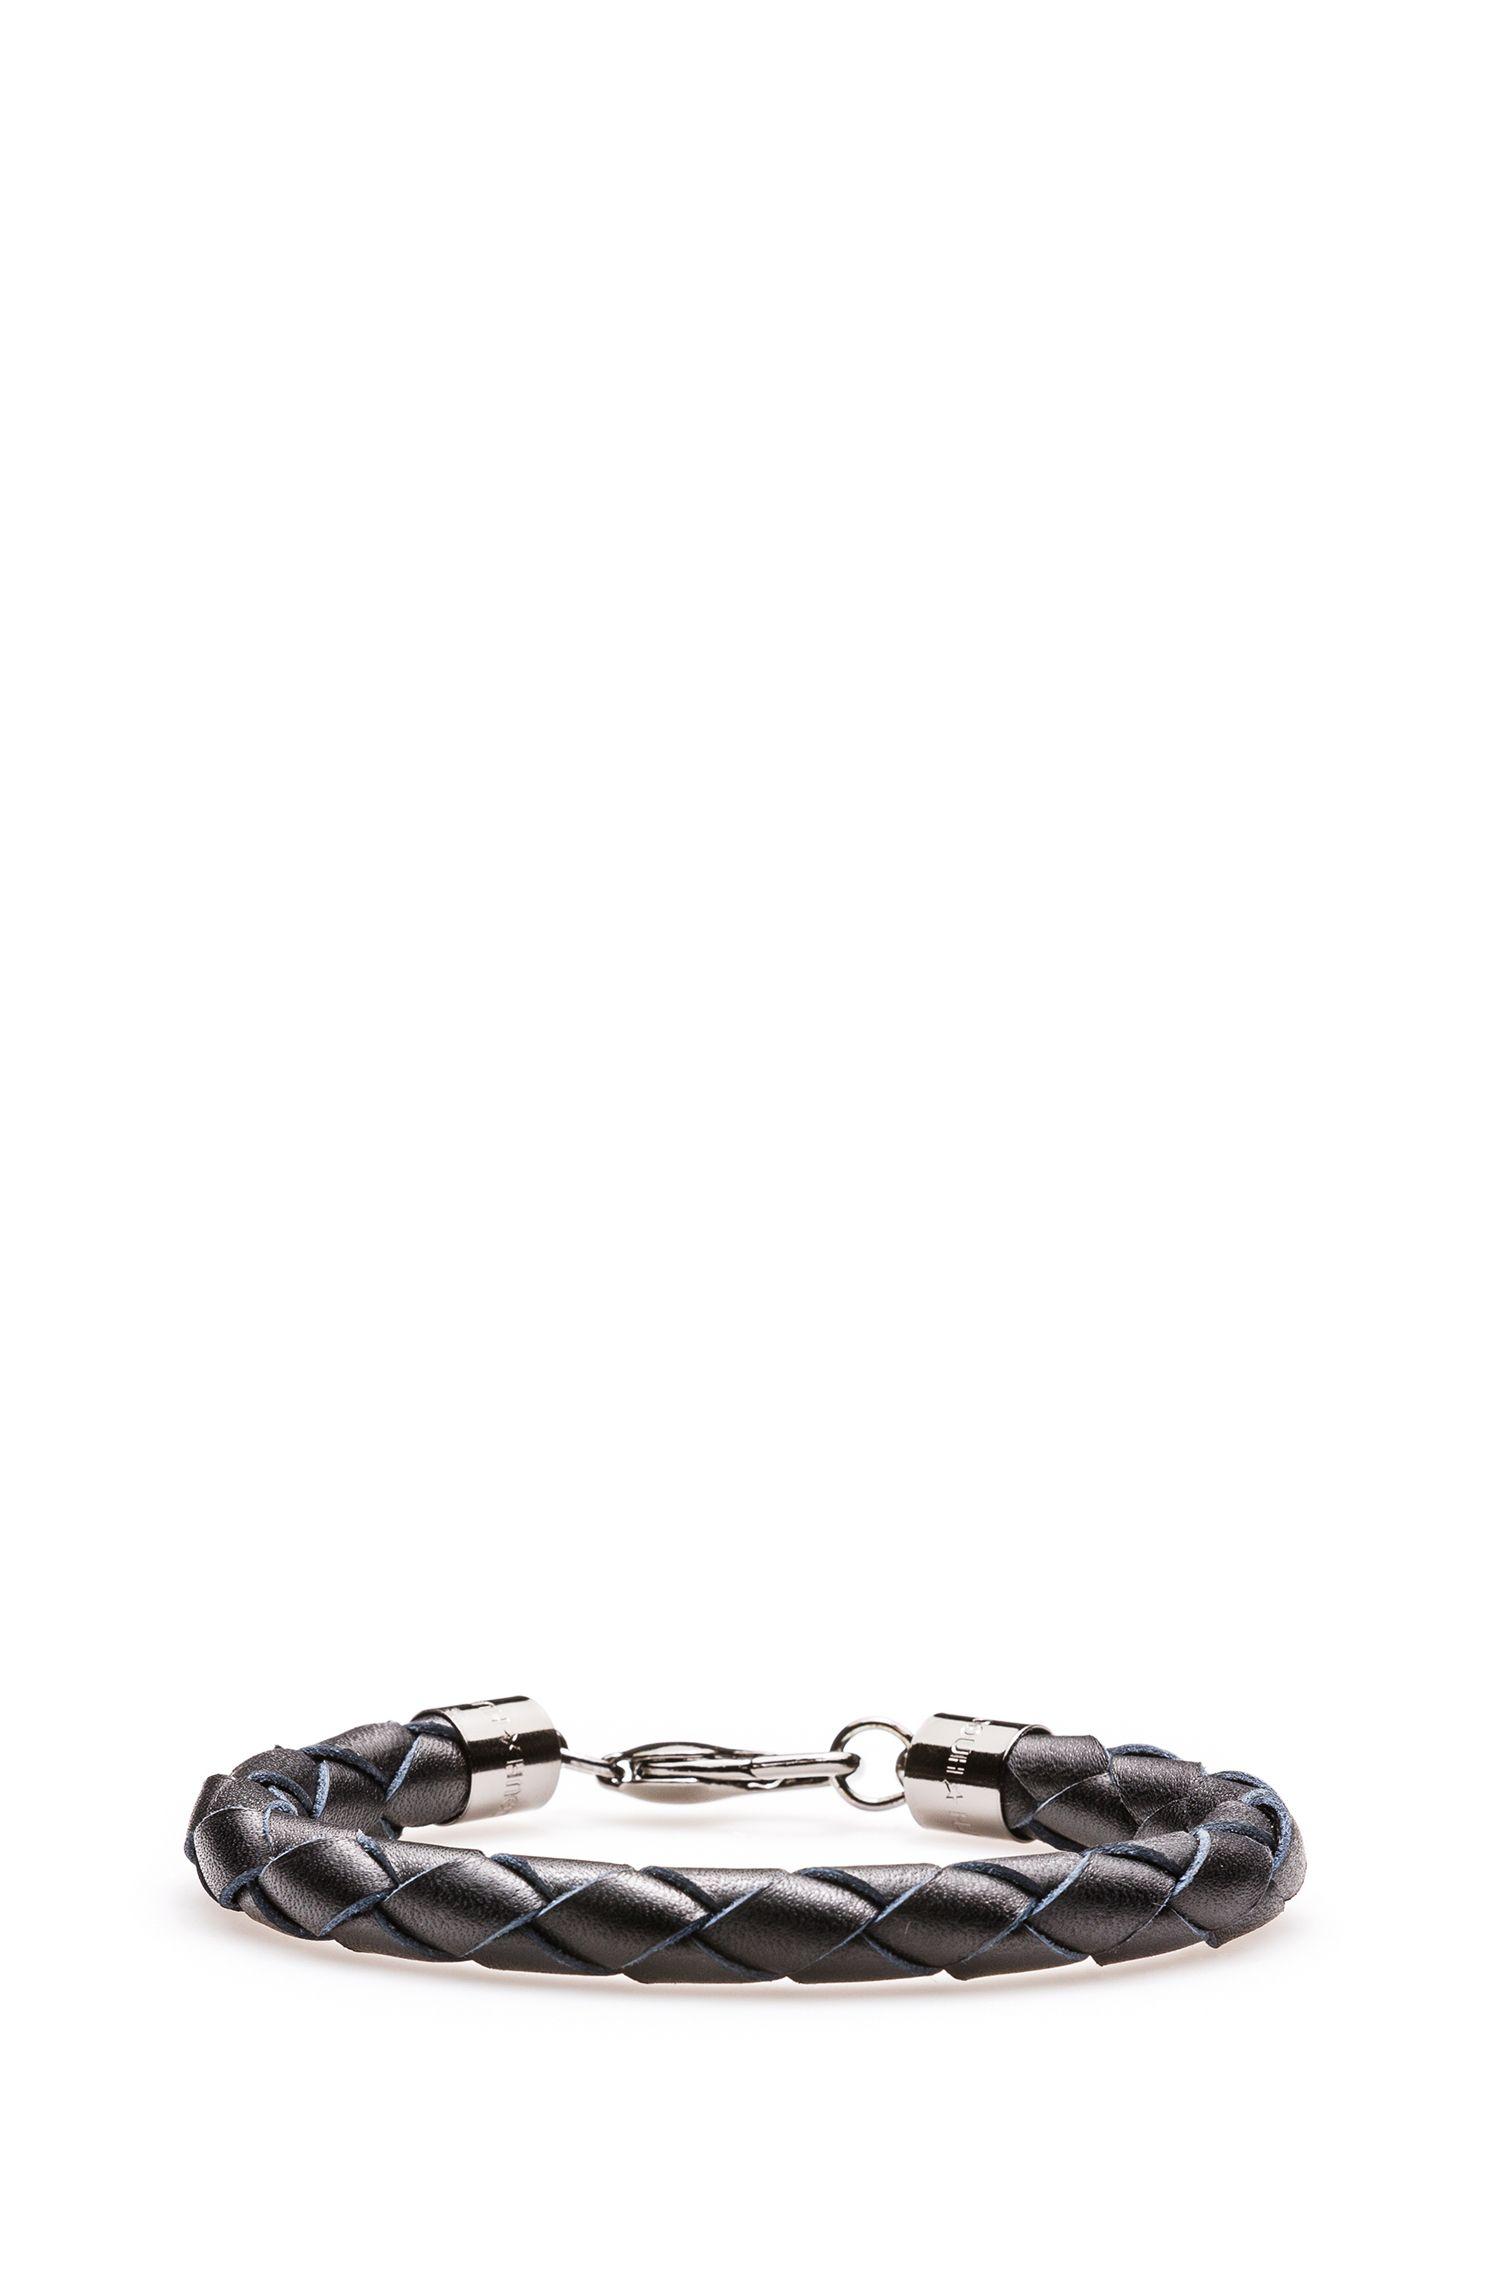 Woven Leather Bracelet | E-Cuir, Black